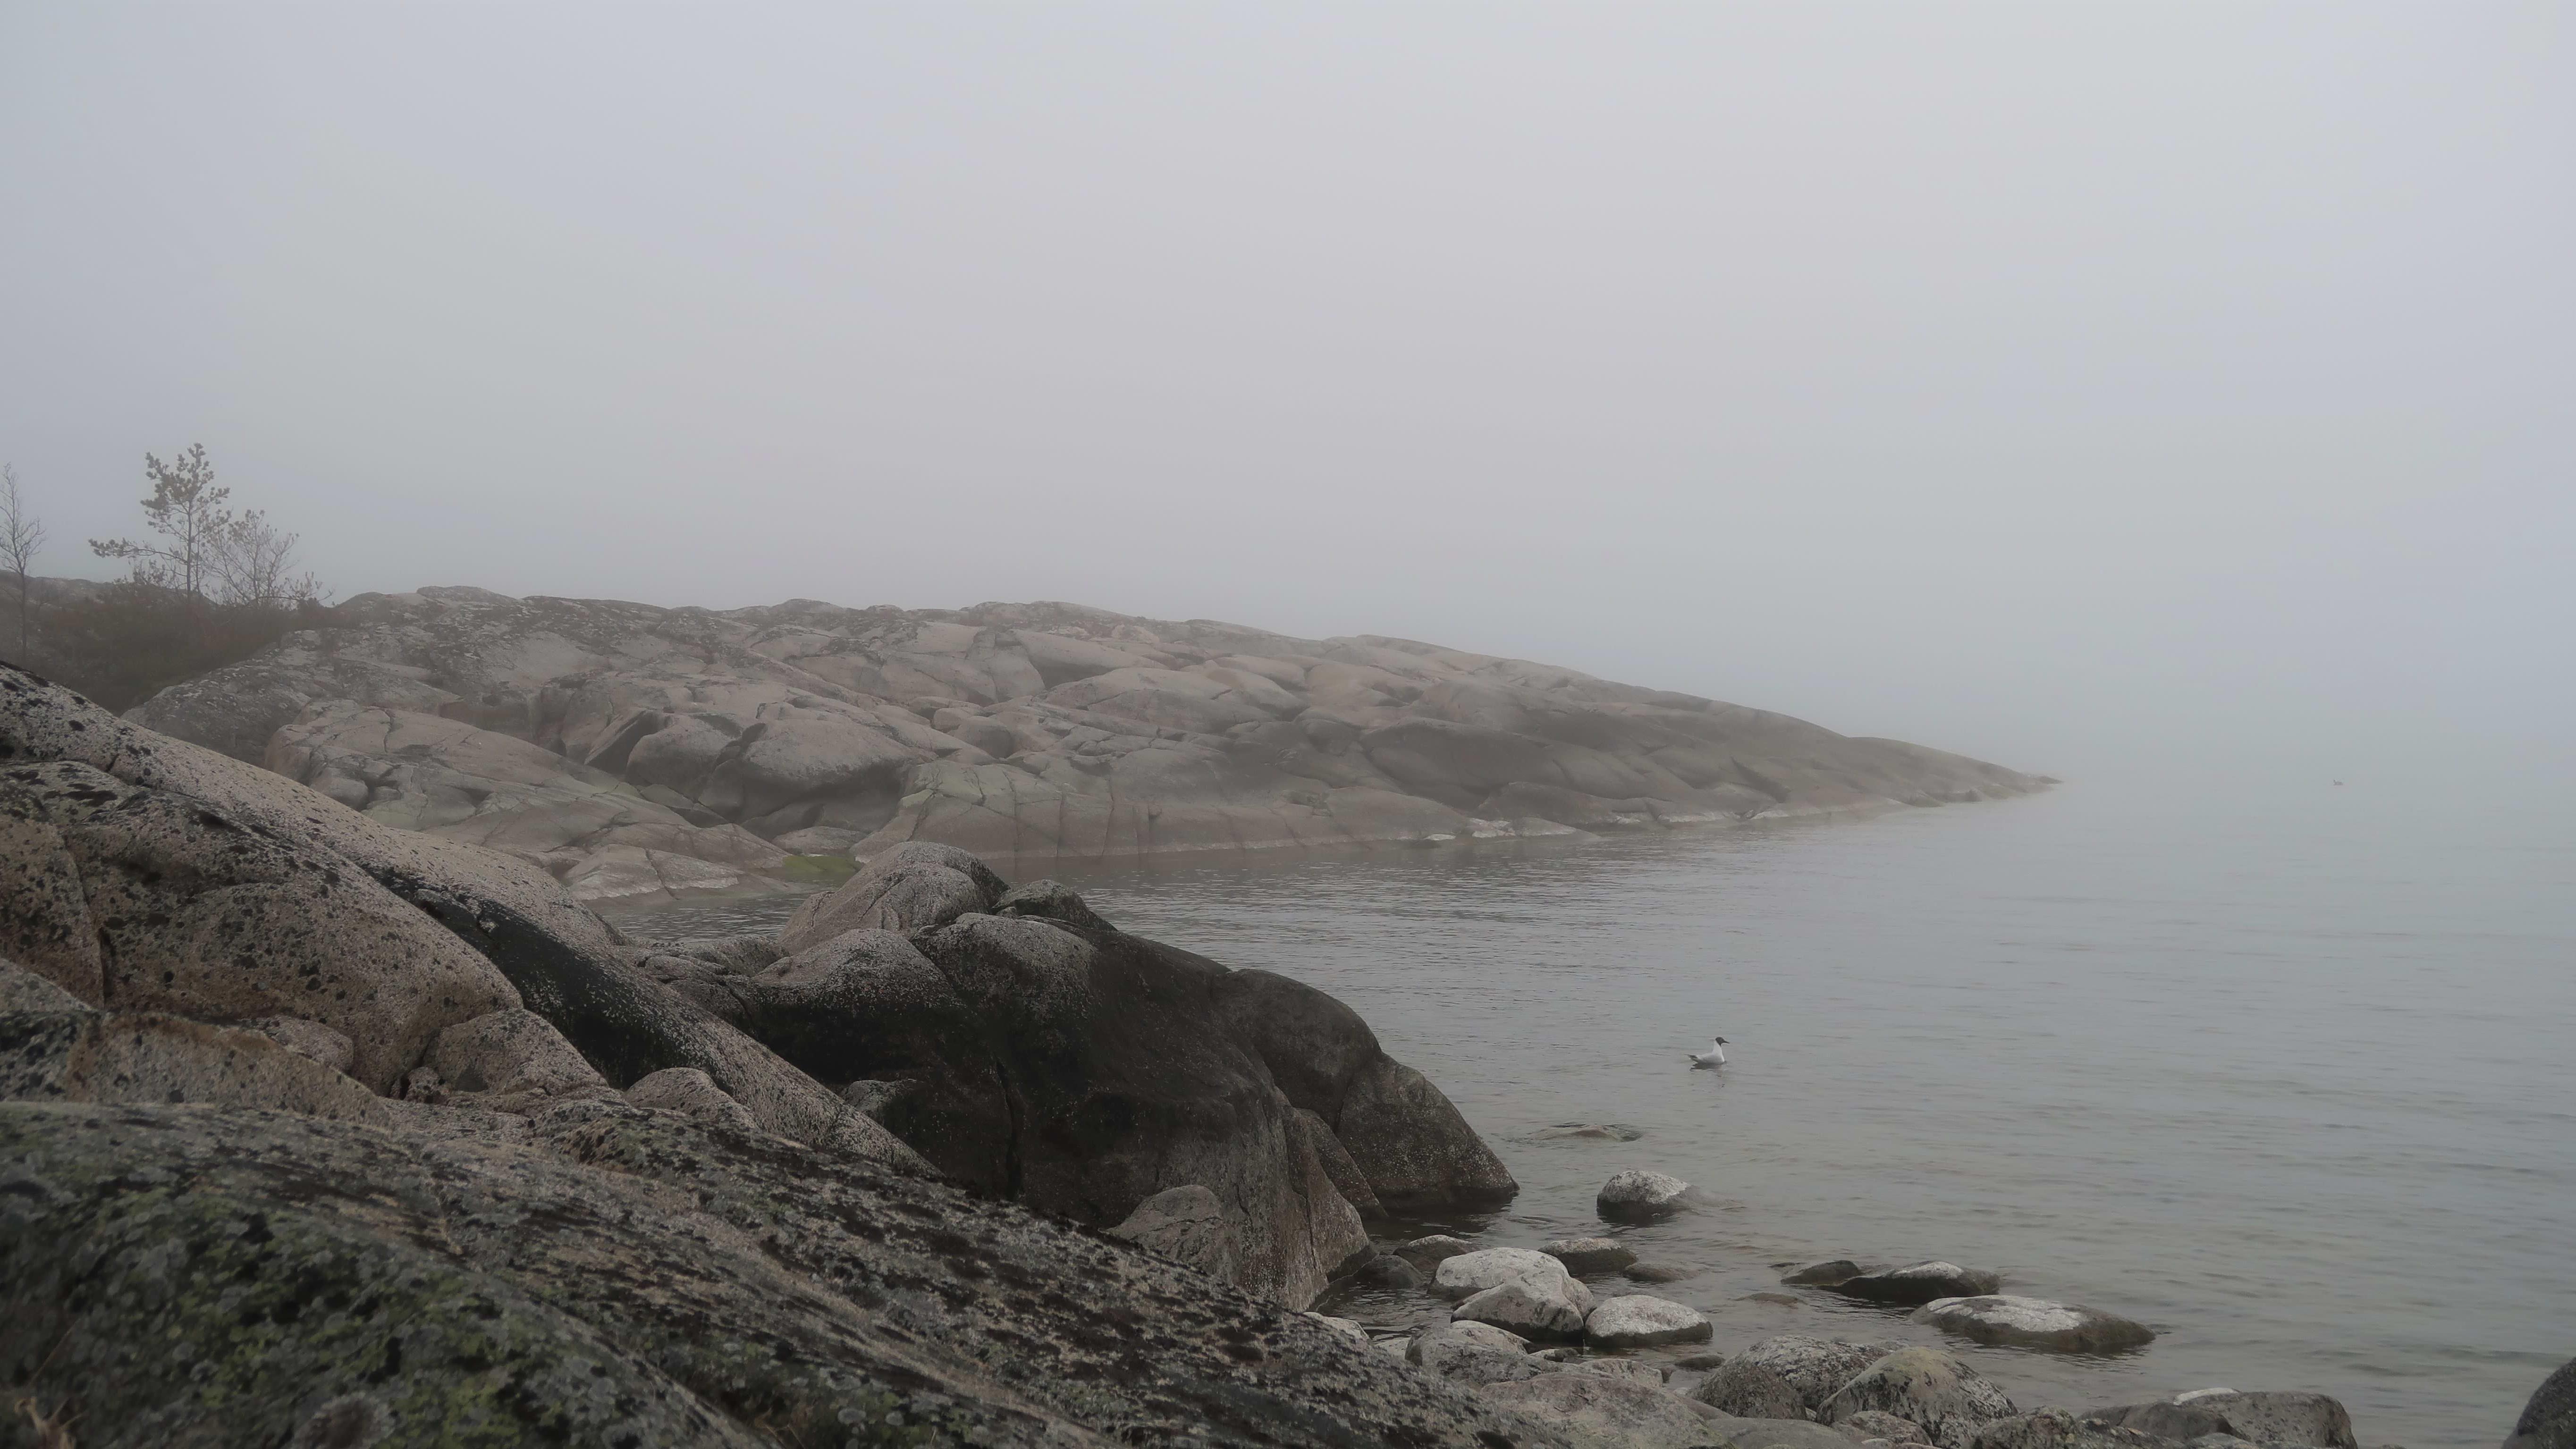 Dimma i Nystads skärgård, södra Bottenhavet, maj 2020.